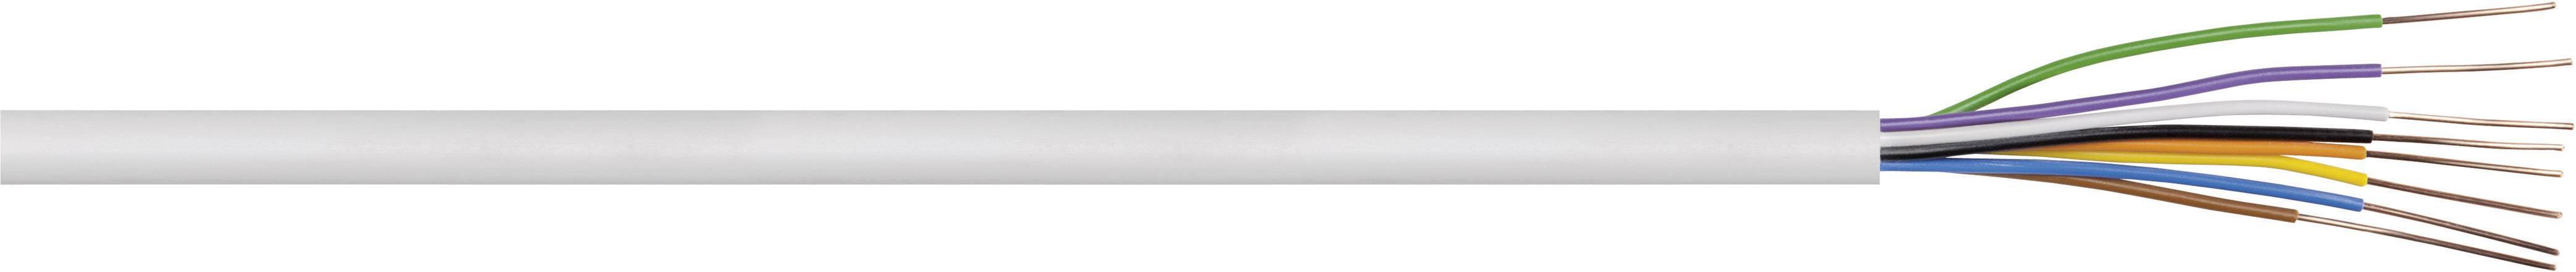 Zvončekový kábel LappKabel 49900270, 6 x 2 x 0.50 mm², biela, metrový tovar